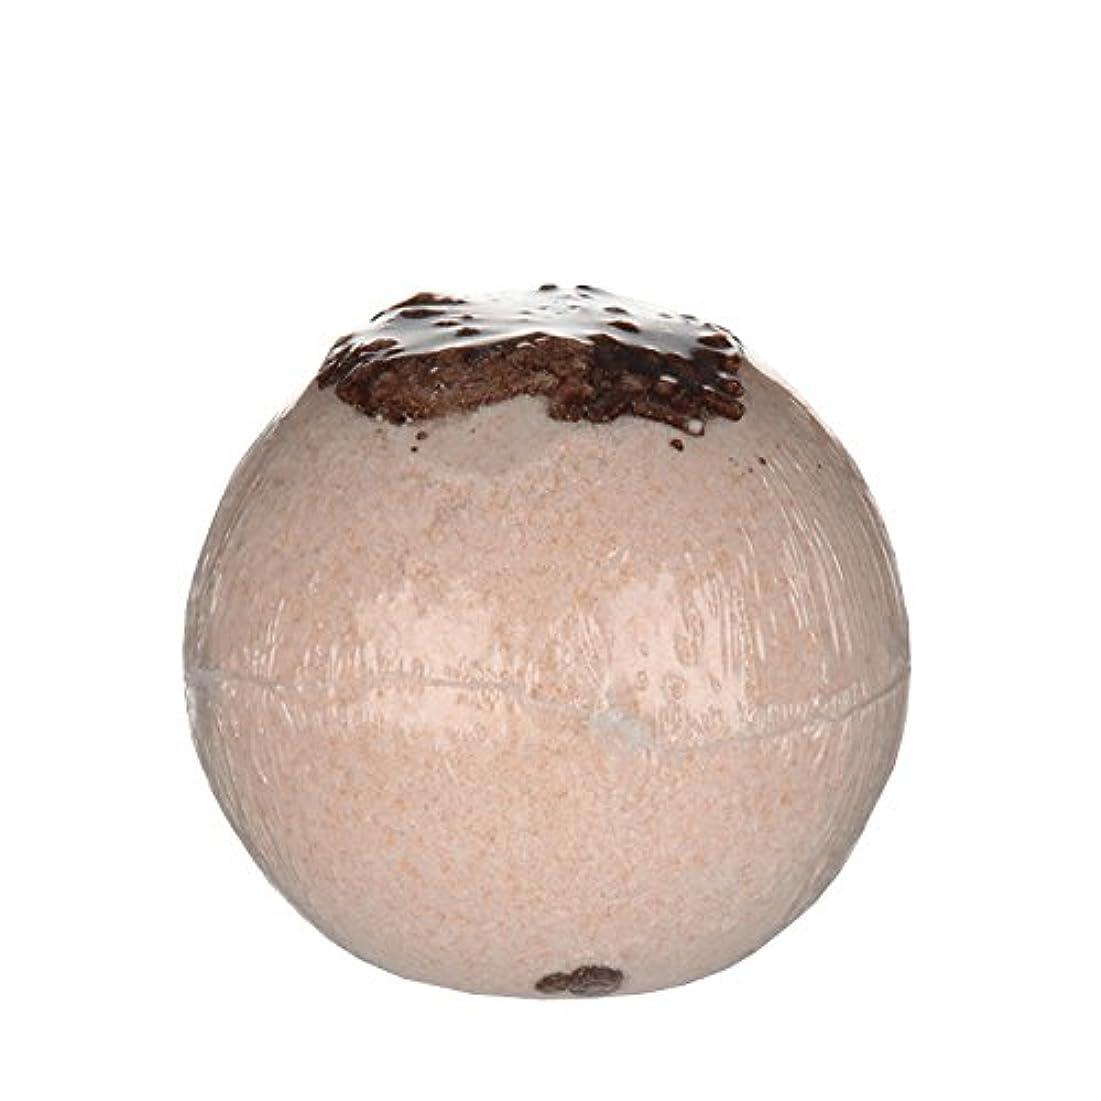 裂け目象ジャケットTreets Bath Ball Coconut Chocolate 170g (Pack of 2) - Treetsバスボールココナッツチョコレート170グラム (x2) [並行輸入品]